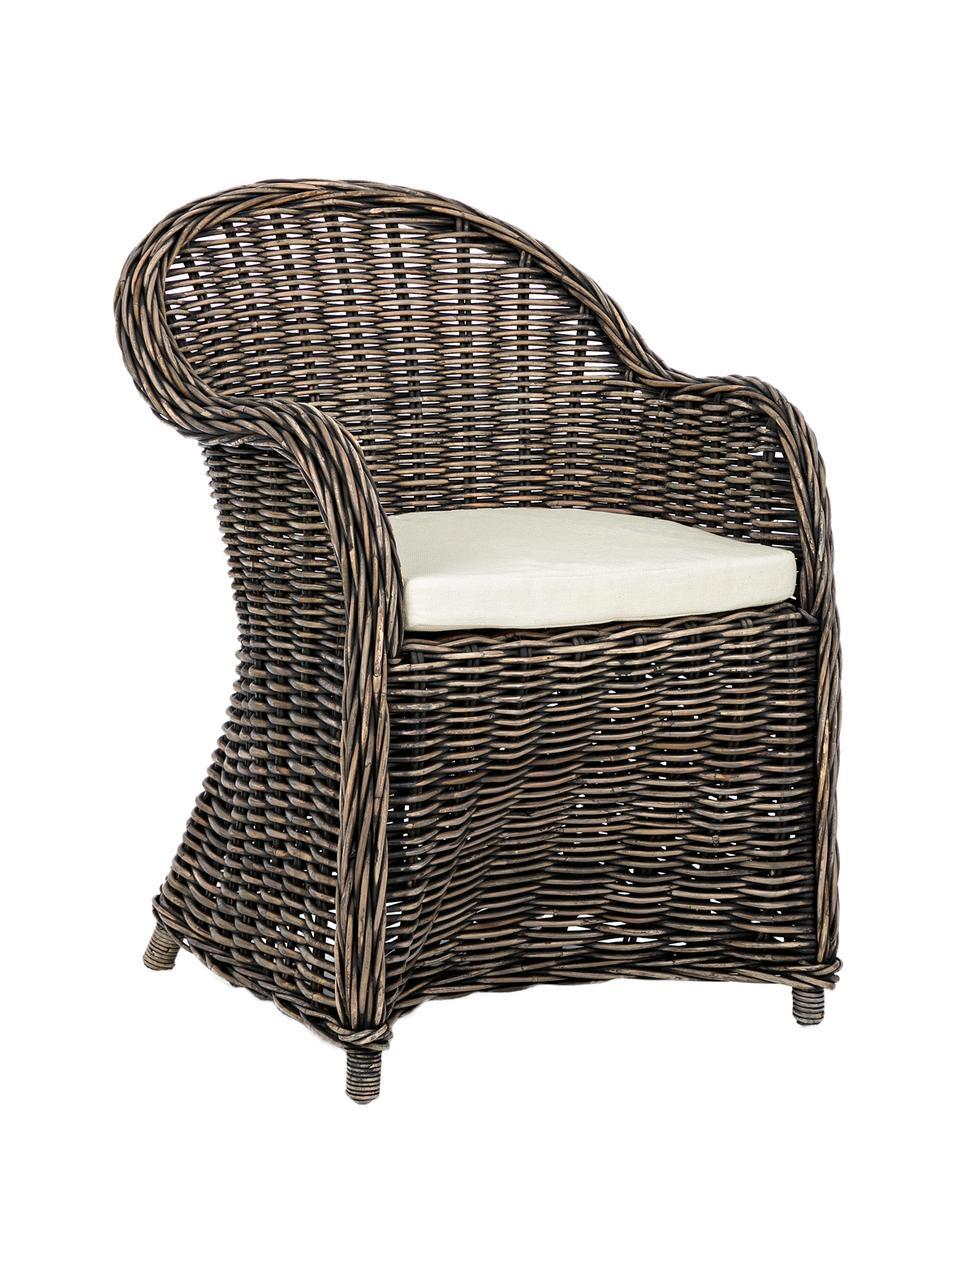 Ratanová židle spodručkami a podsedákem Martin, Ratan, černá, bílá